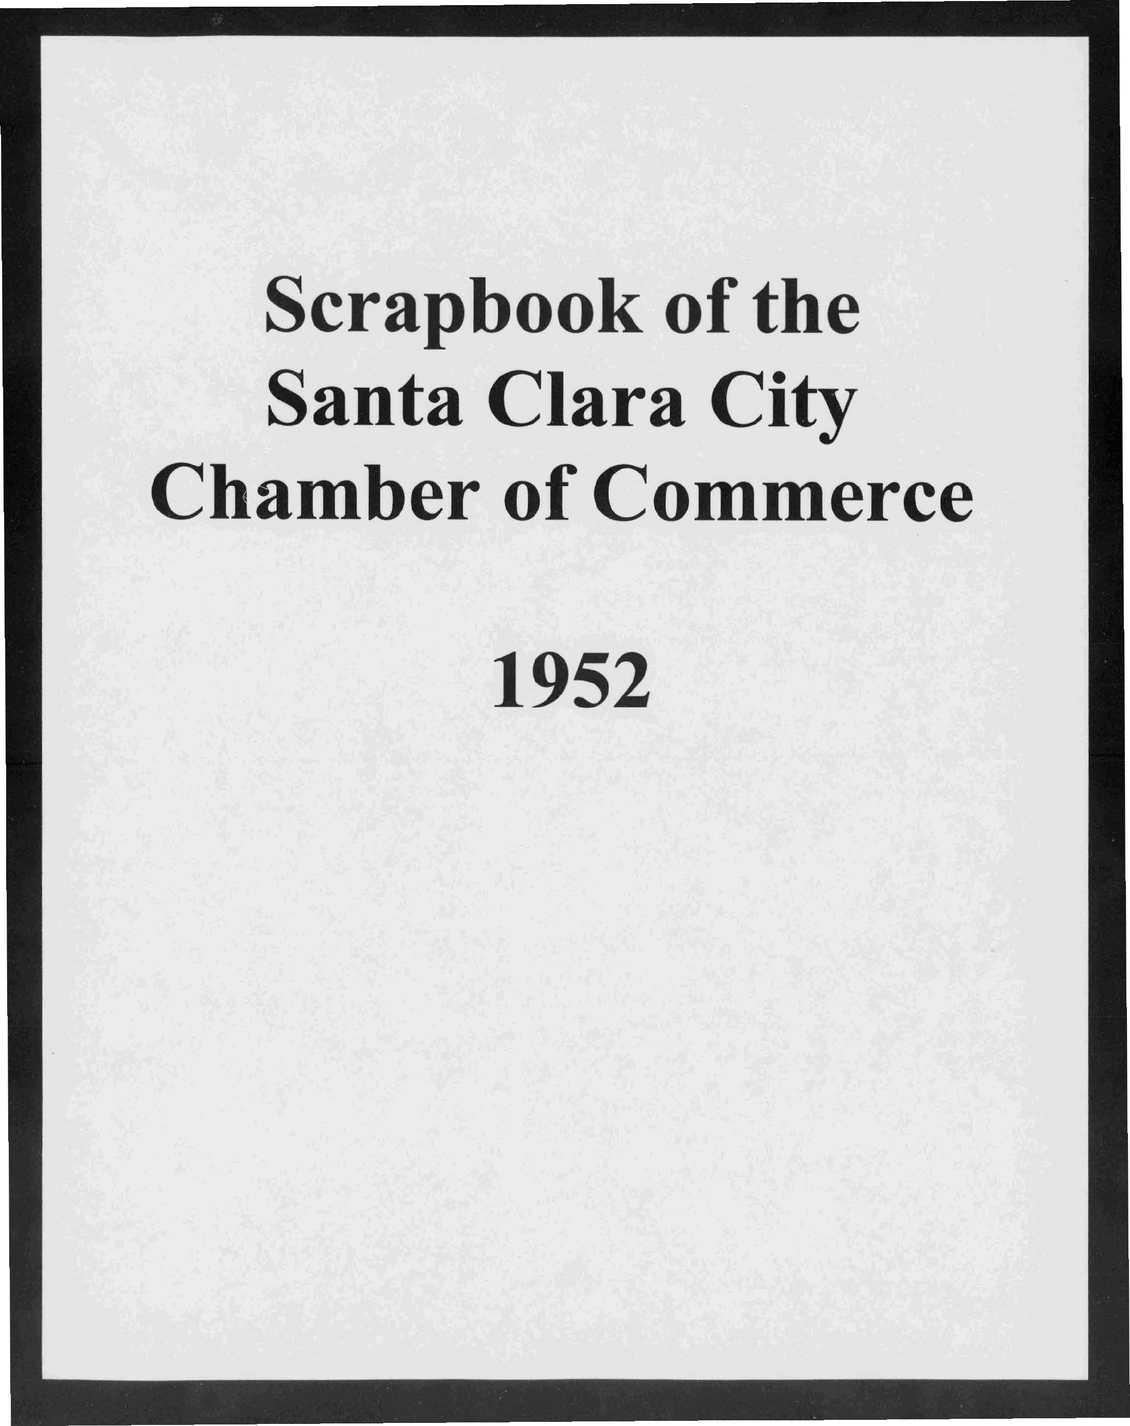 Calamo Scrapbook 1952